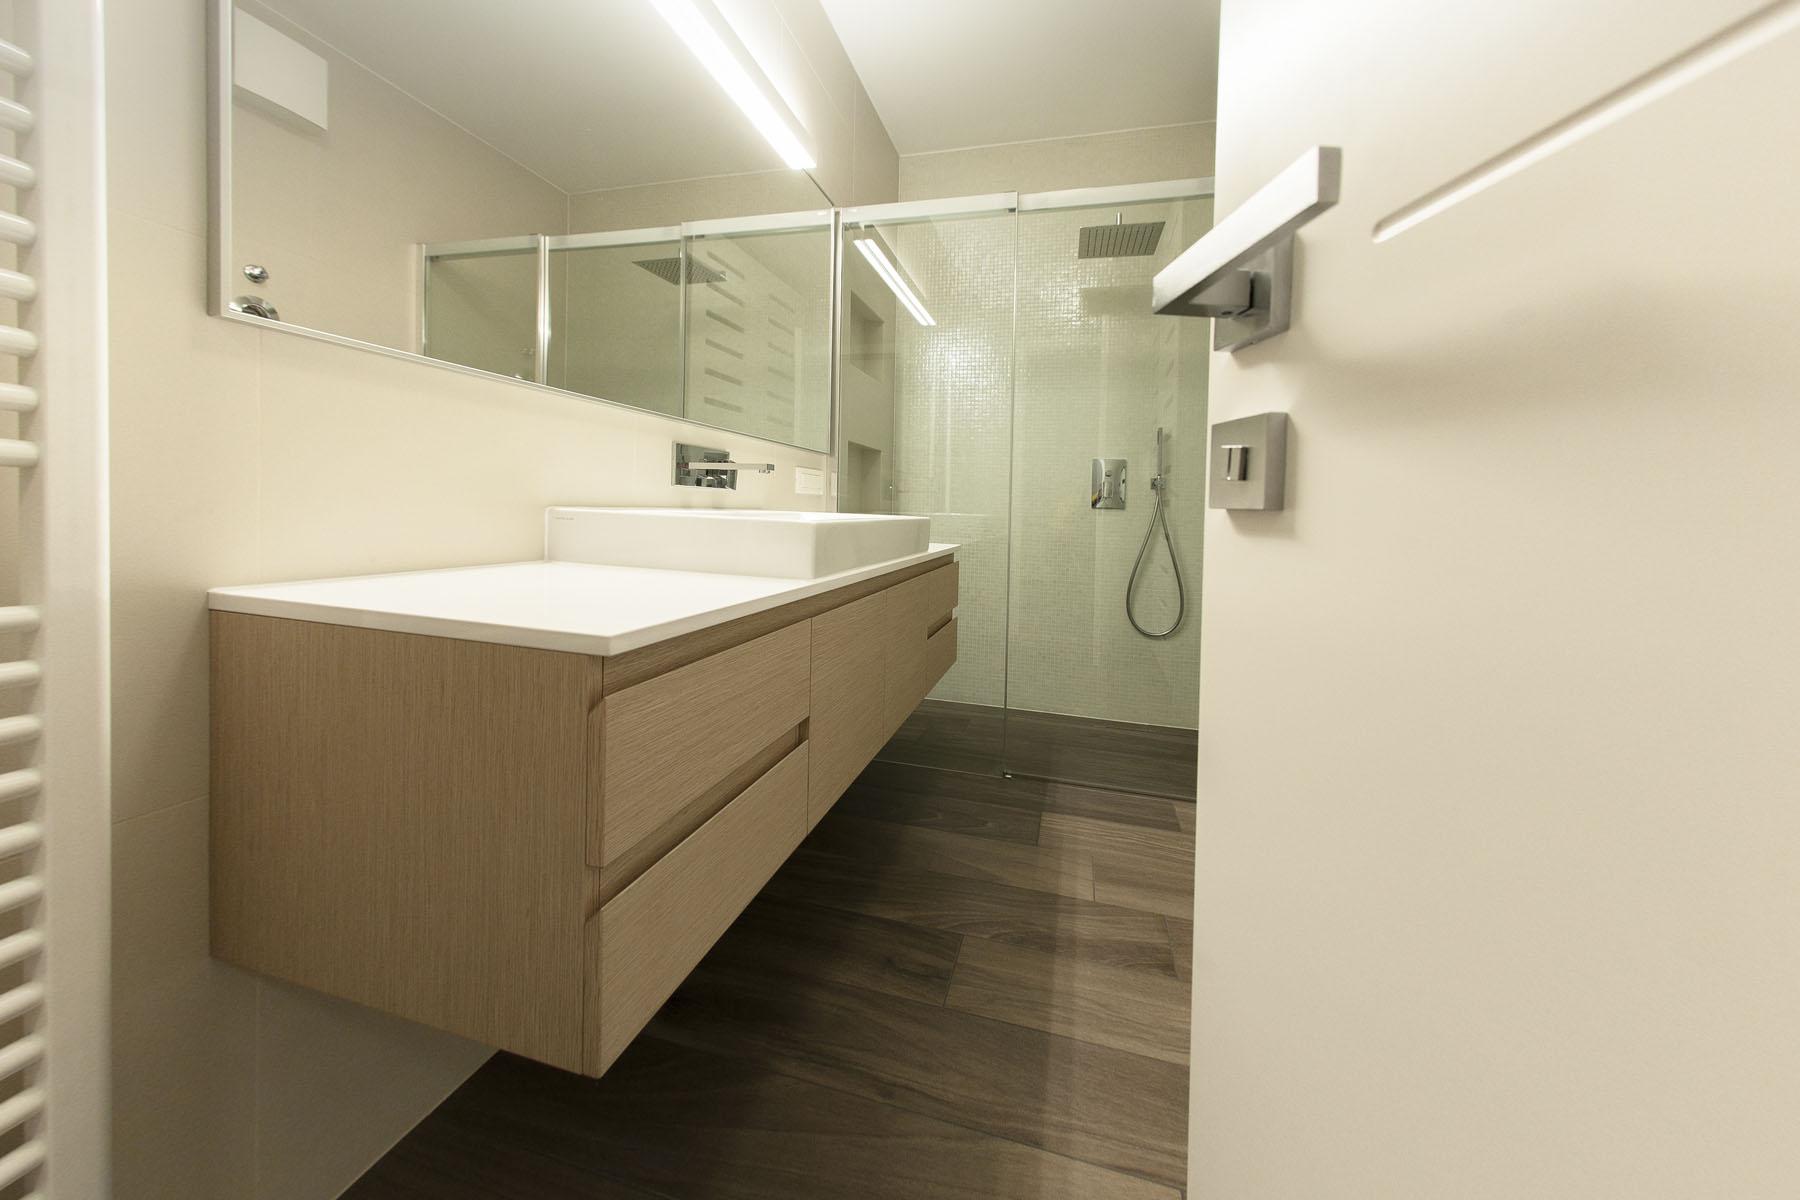 furnirano kopalniško pohištvo po meri